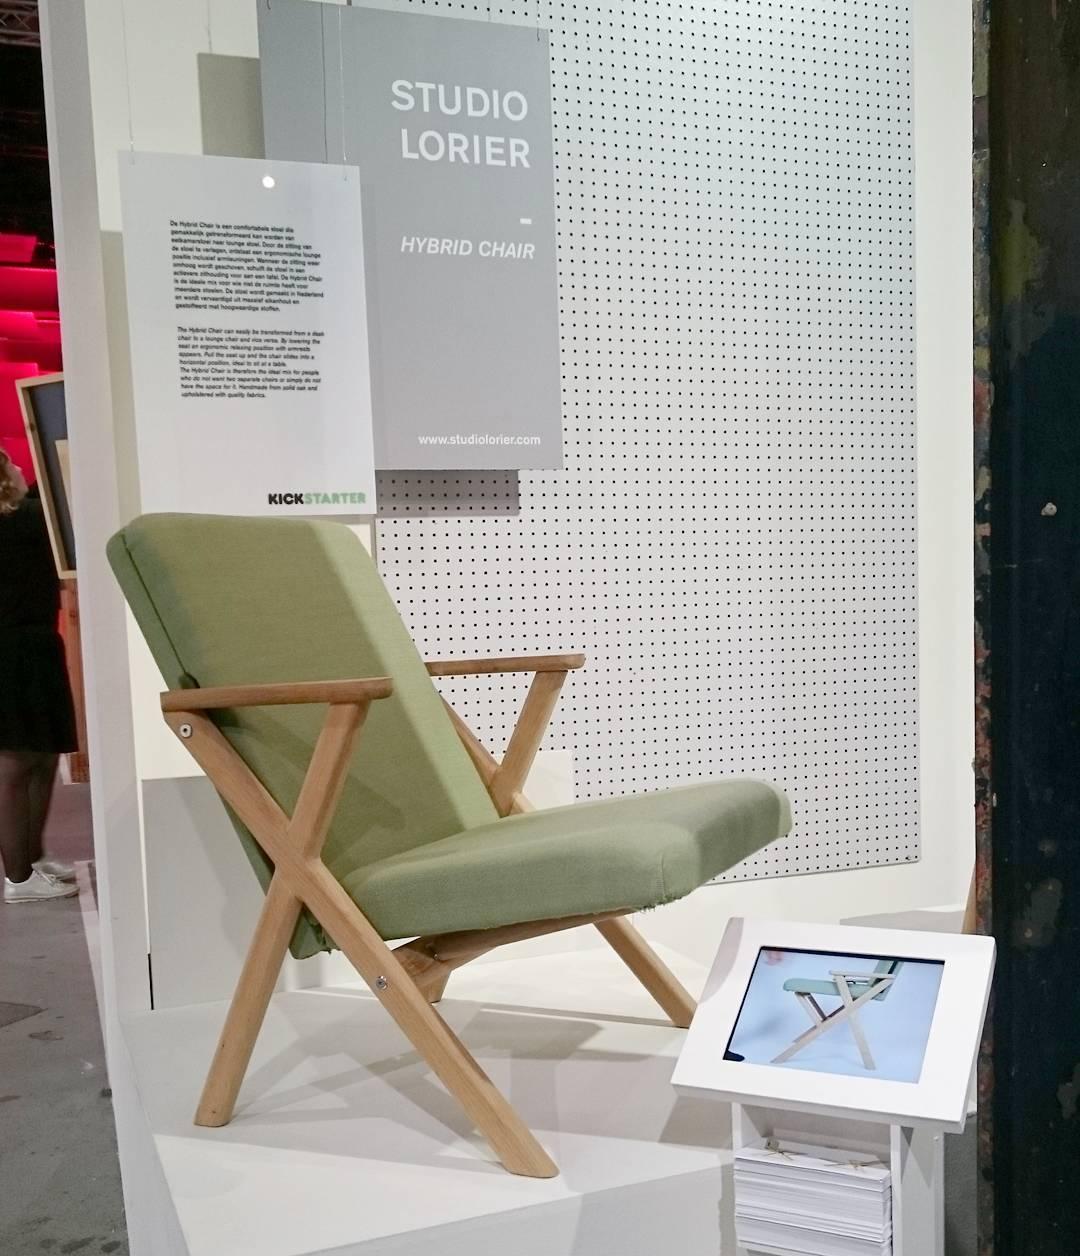 Last weekend Dutch design week, come and visit us until 29th of October @dutchdesignweek